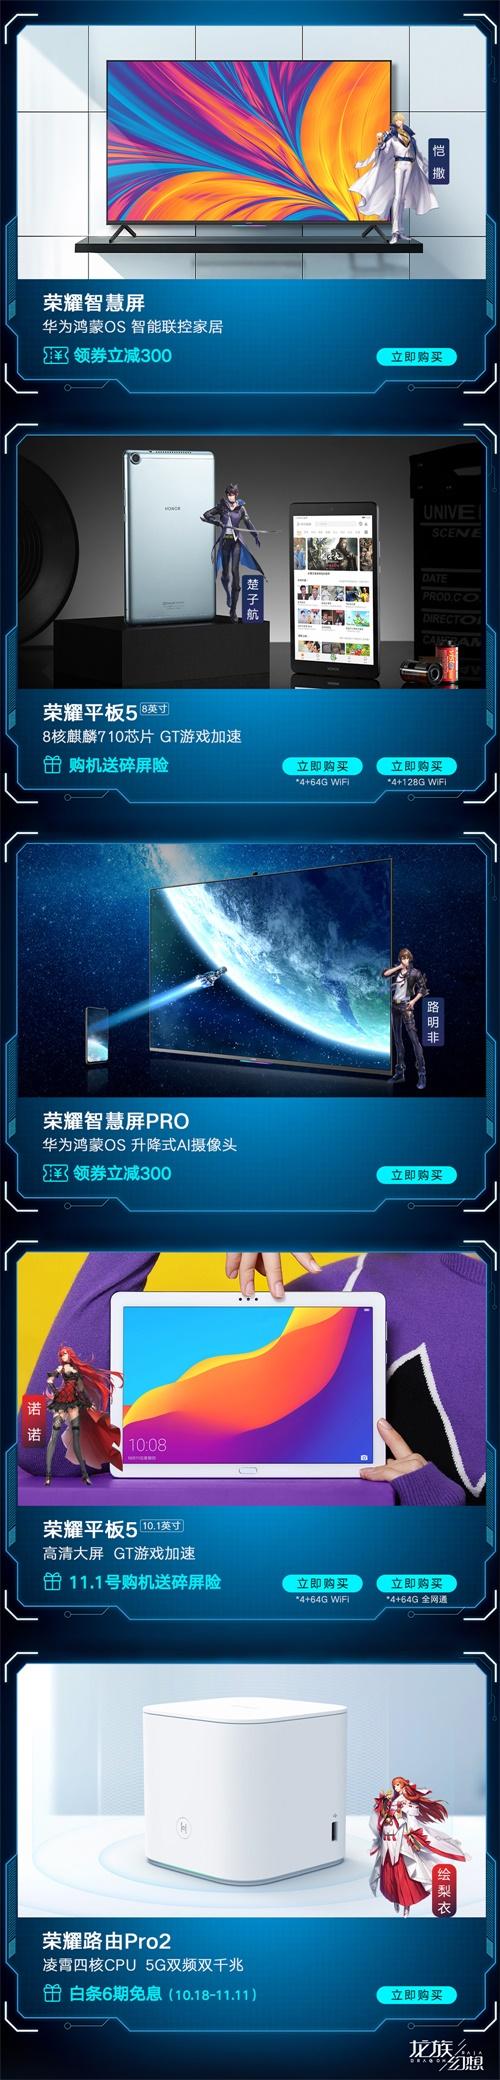 《龙族幻想》x 荣耀 平行世界的荣耀幻想